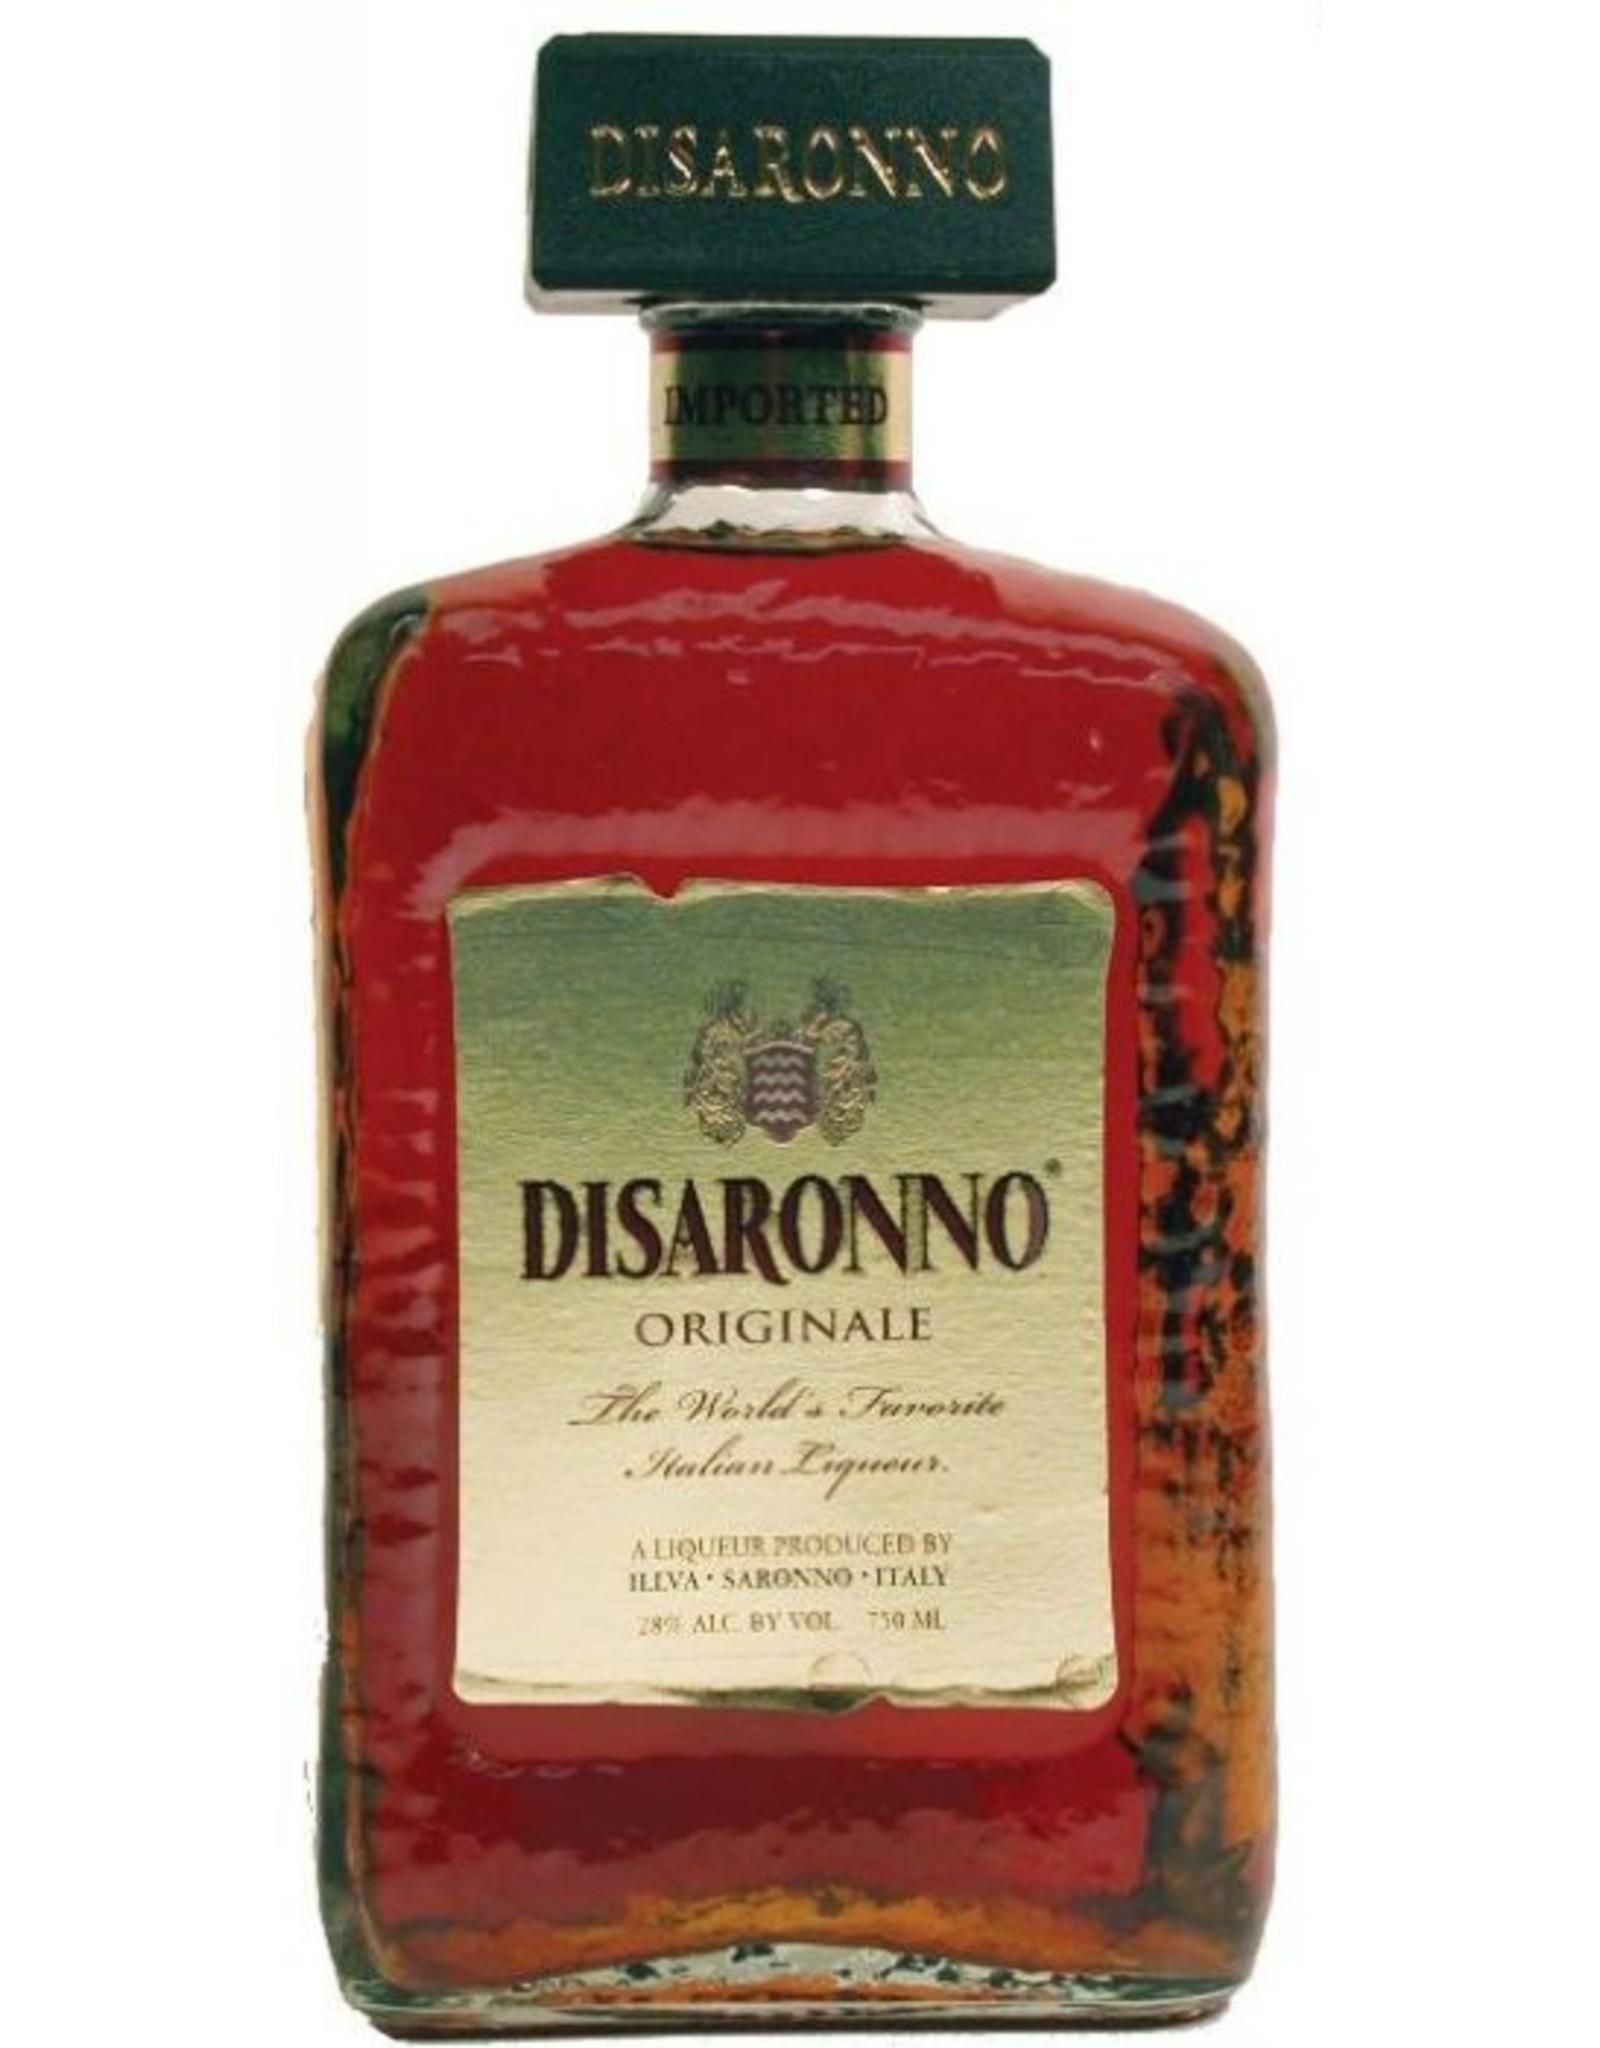 Disaronno Disaronno Originale 100cl